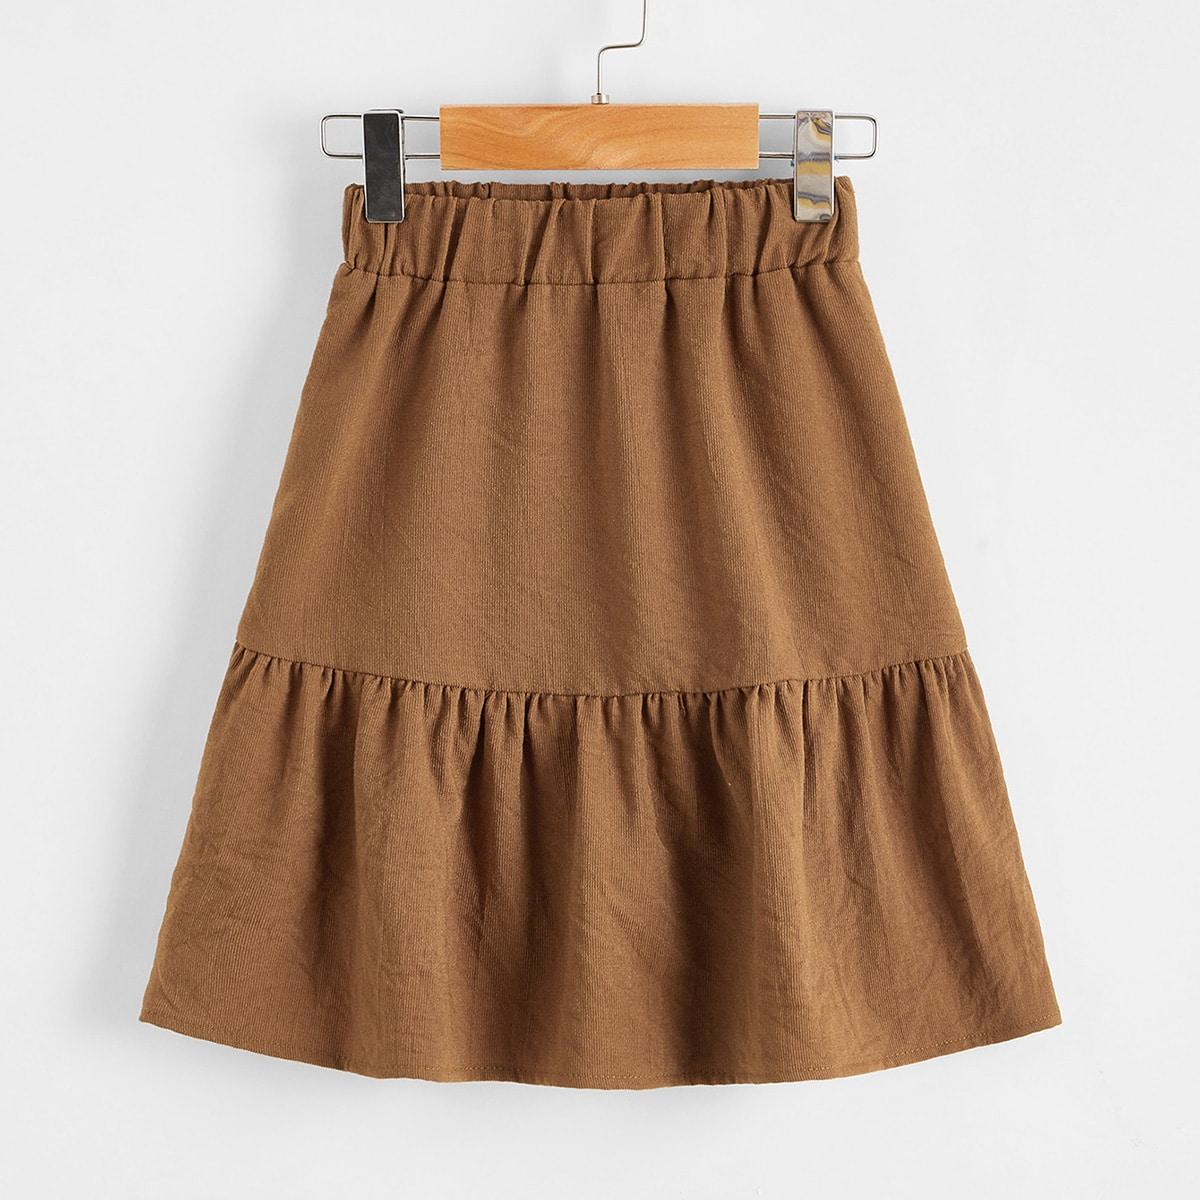 С оборками одноцветный повседневный юбки для девочек